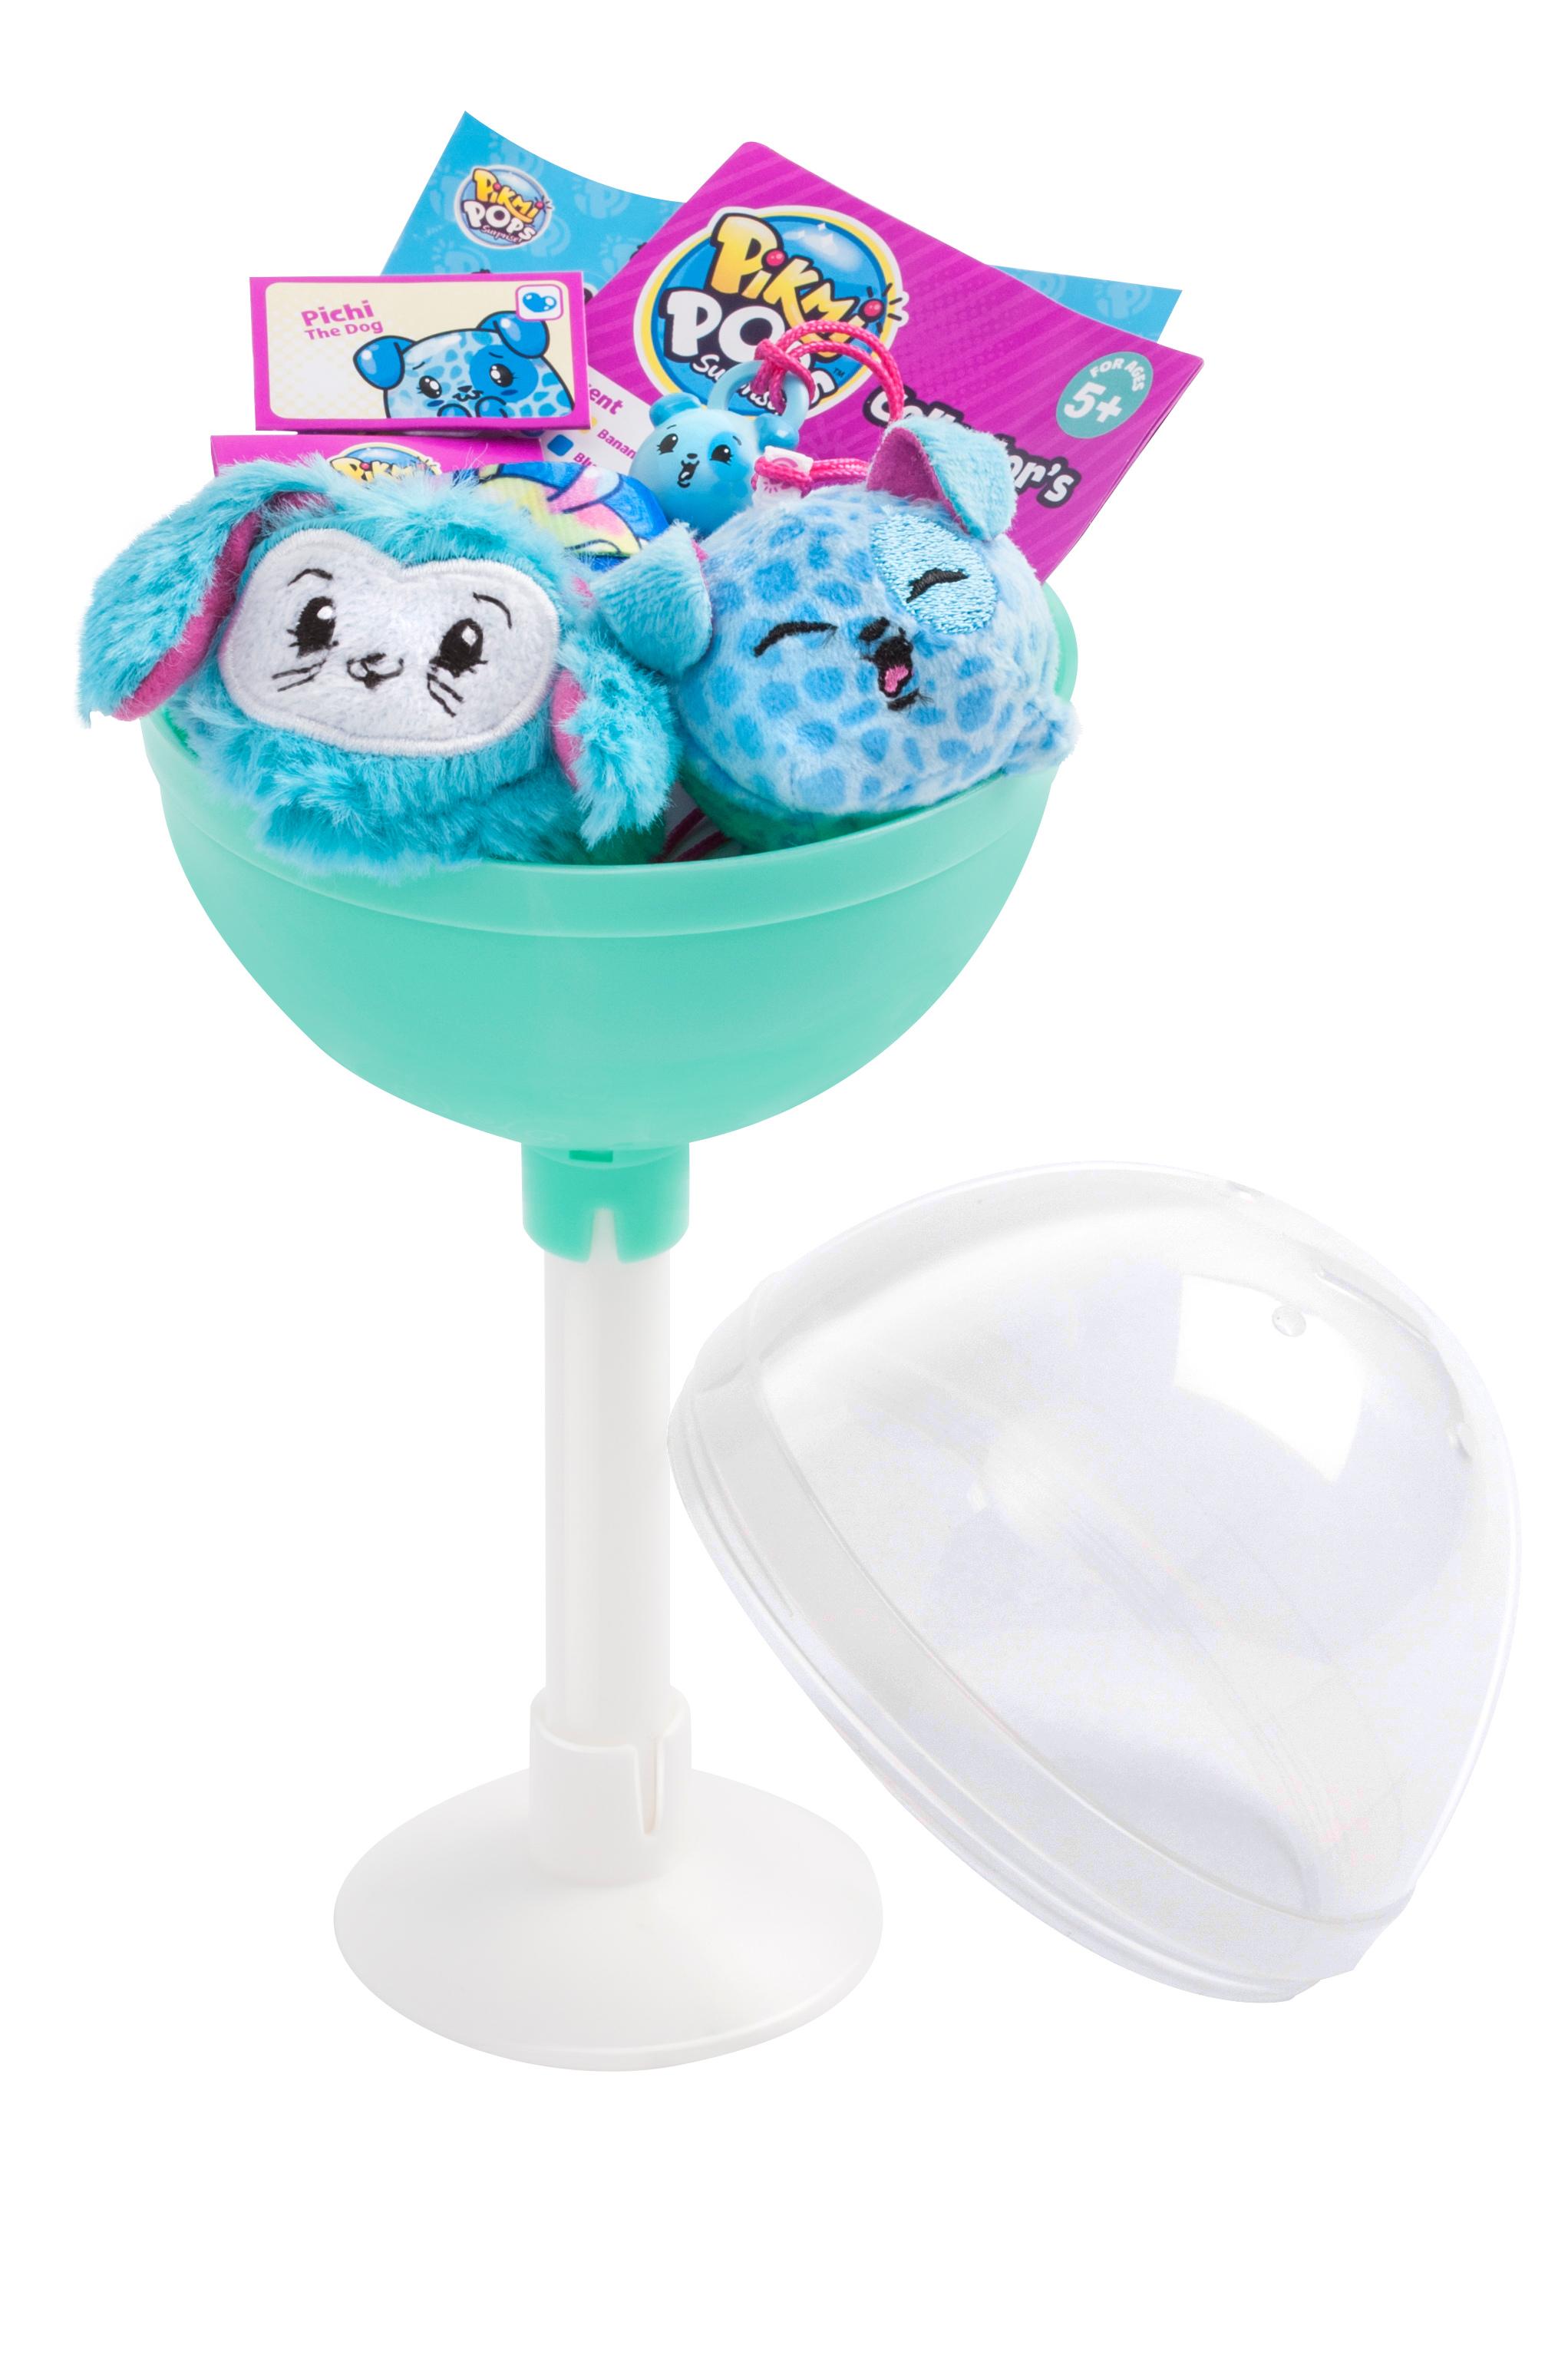 Купить Игровой набор, Pikmi Pops 75167, 1шт., Moose 75167, Китай, разноцветный